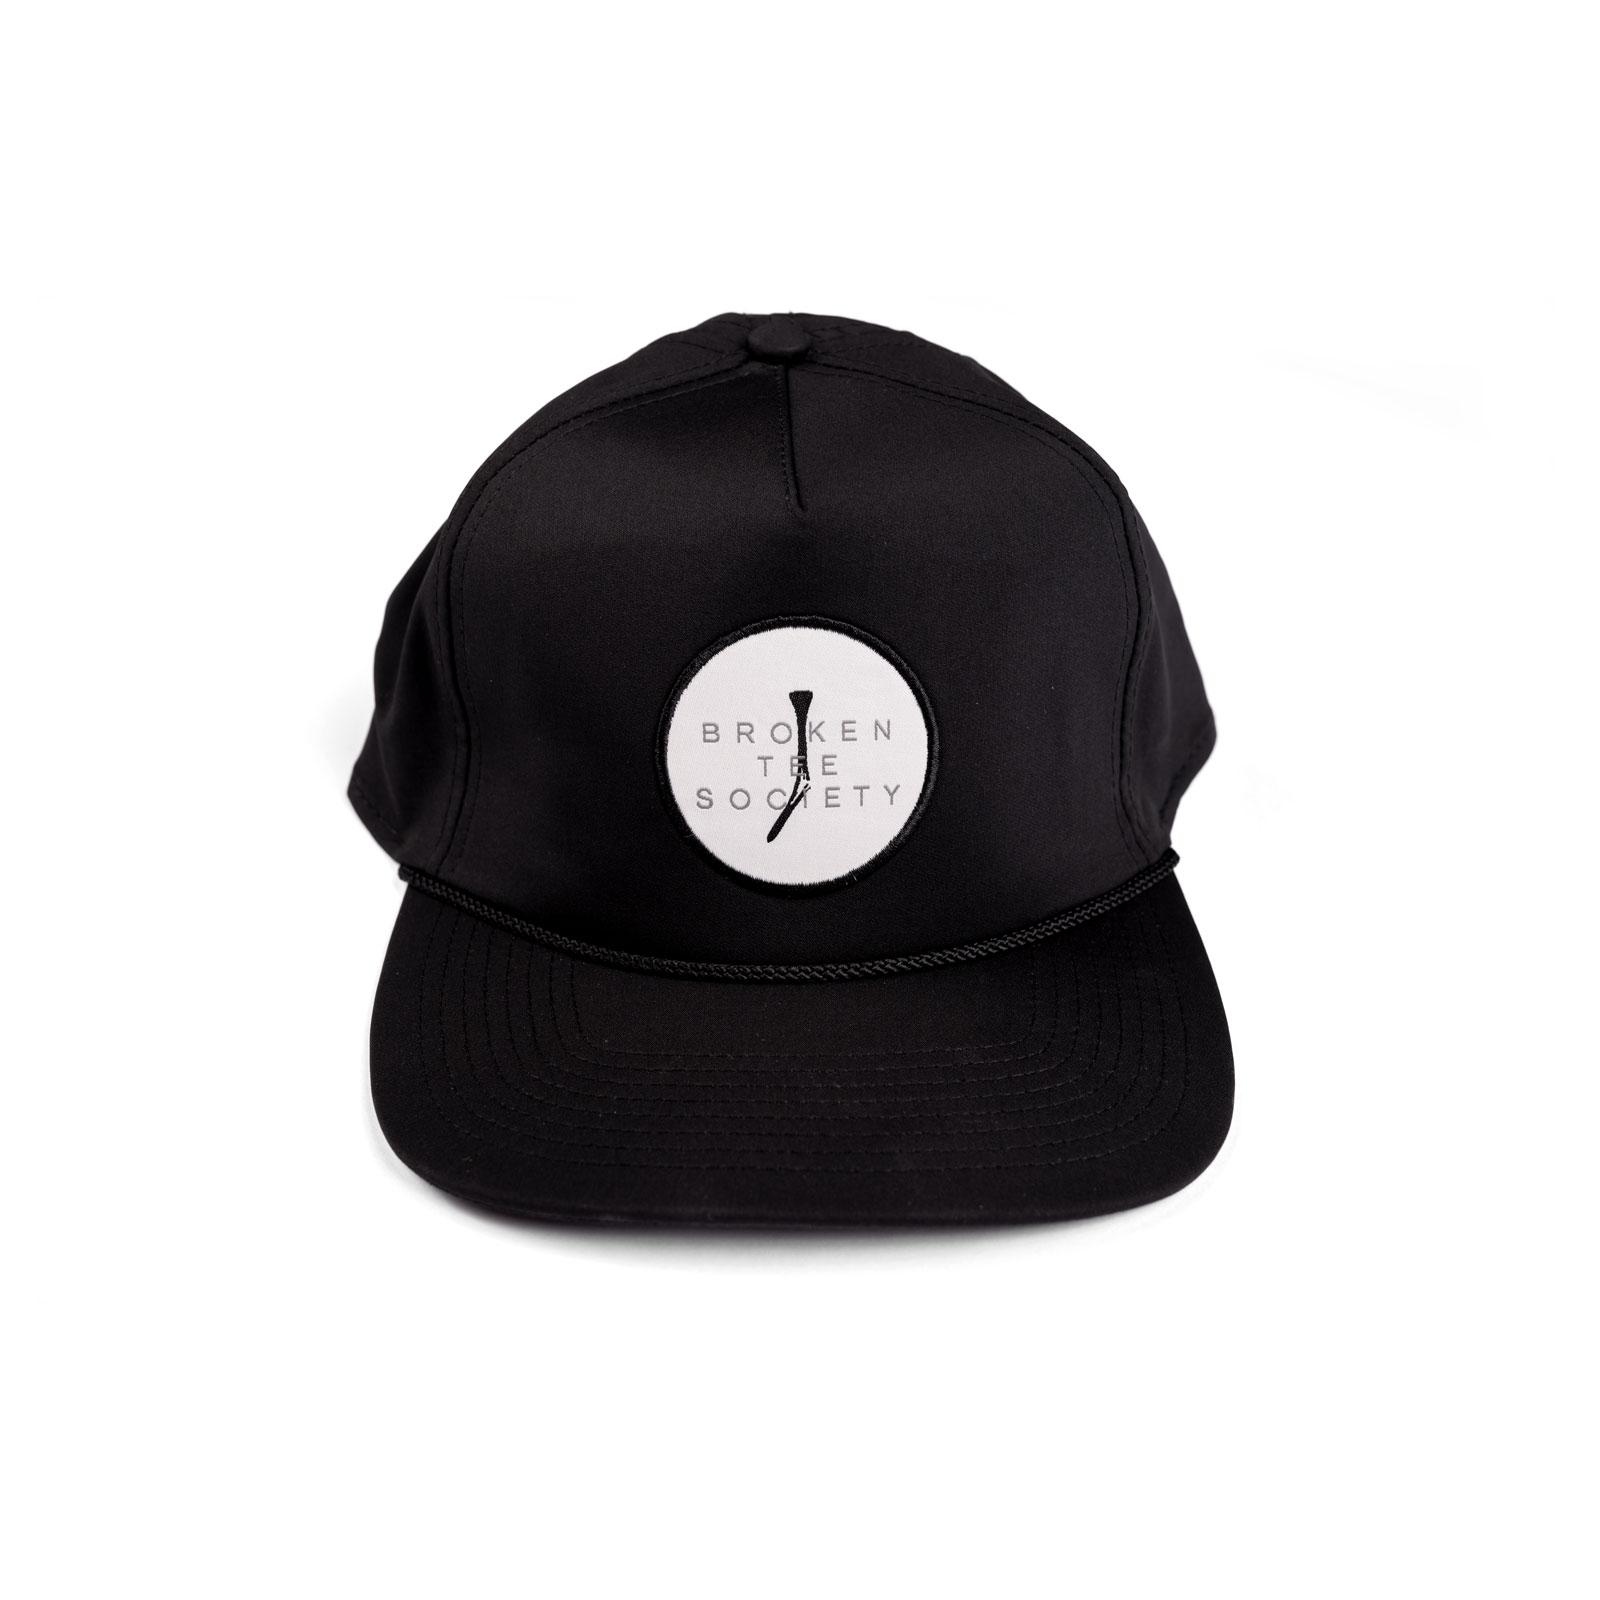 The Member Hat